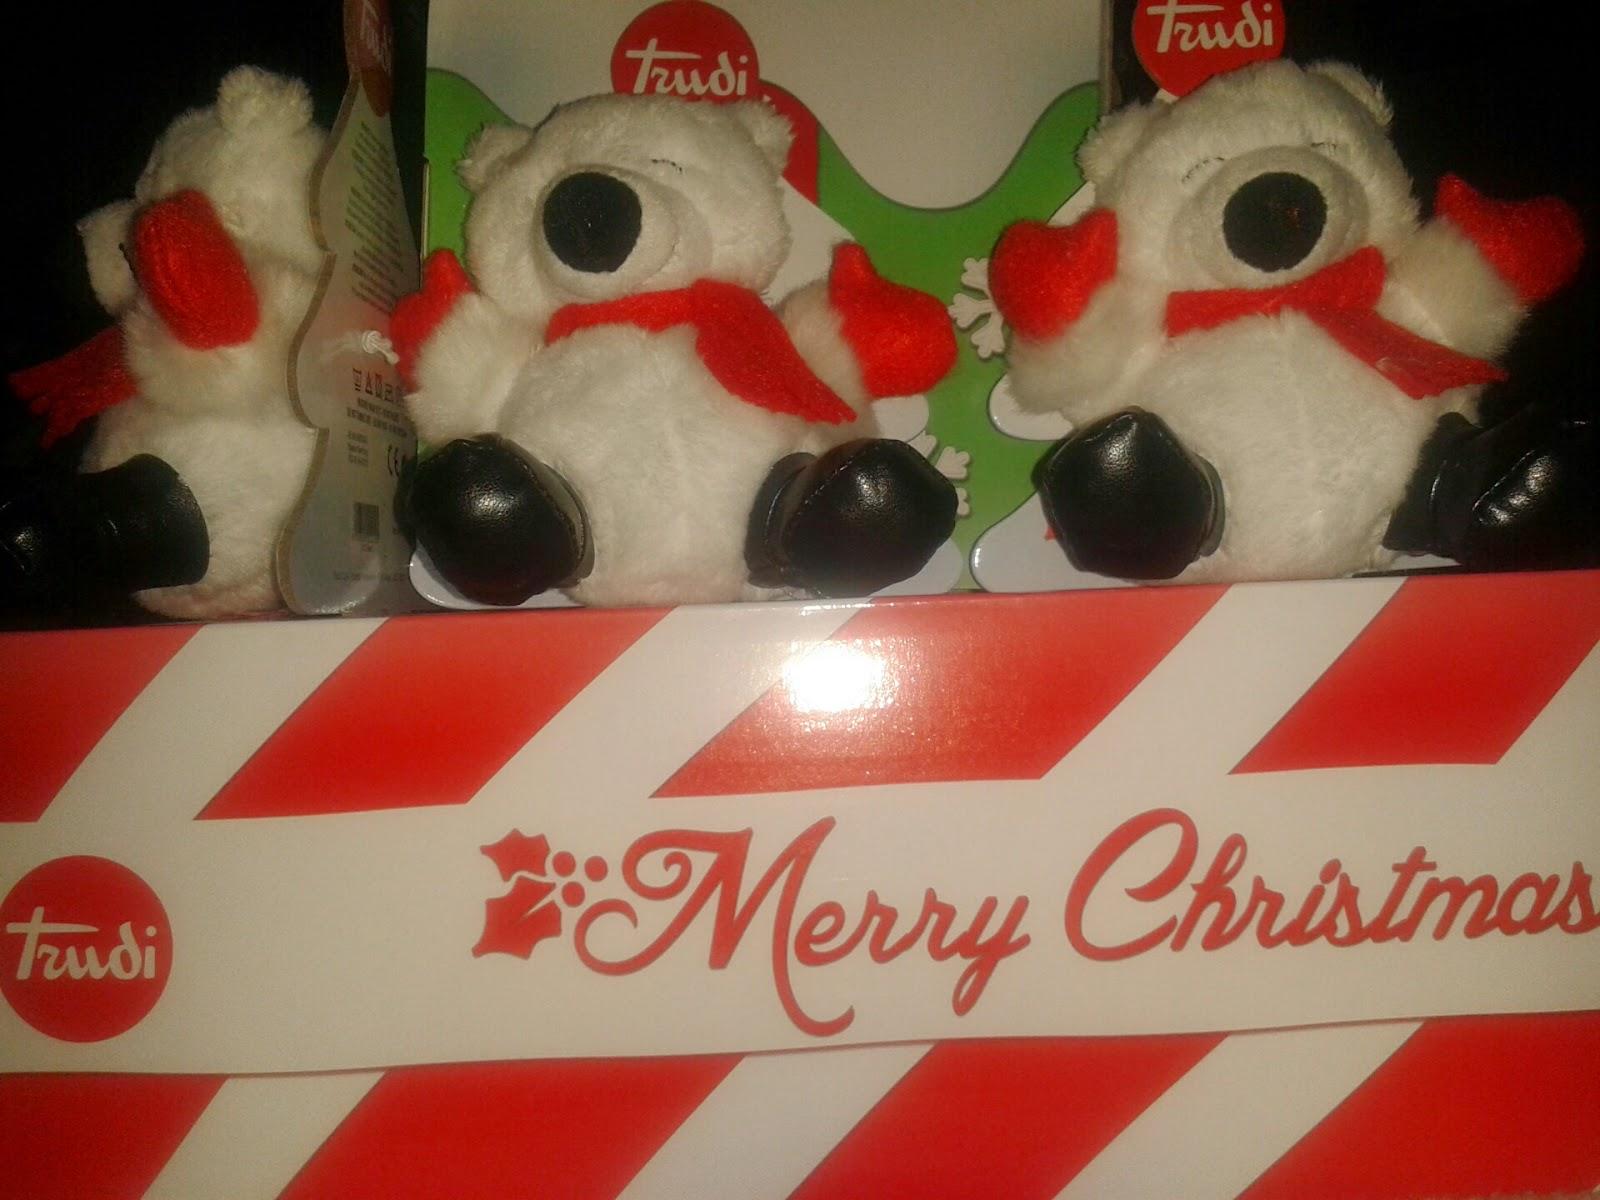 dettagli di natale firmati trudi : orsetti natalizi sweet collection